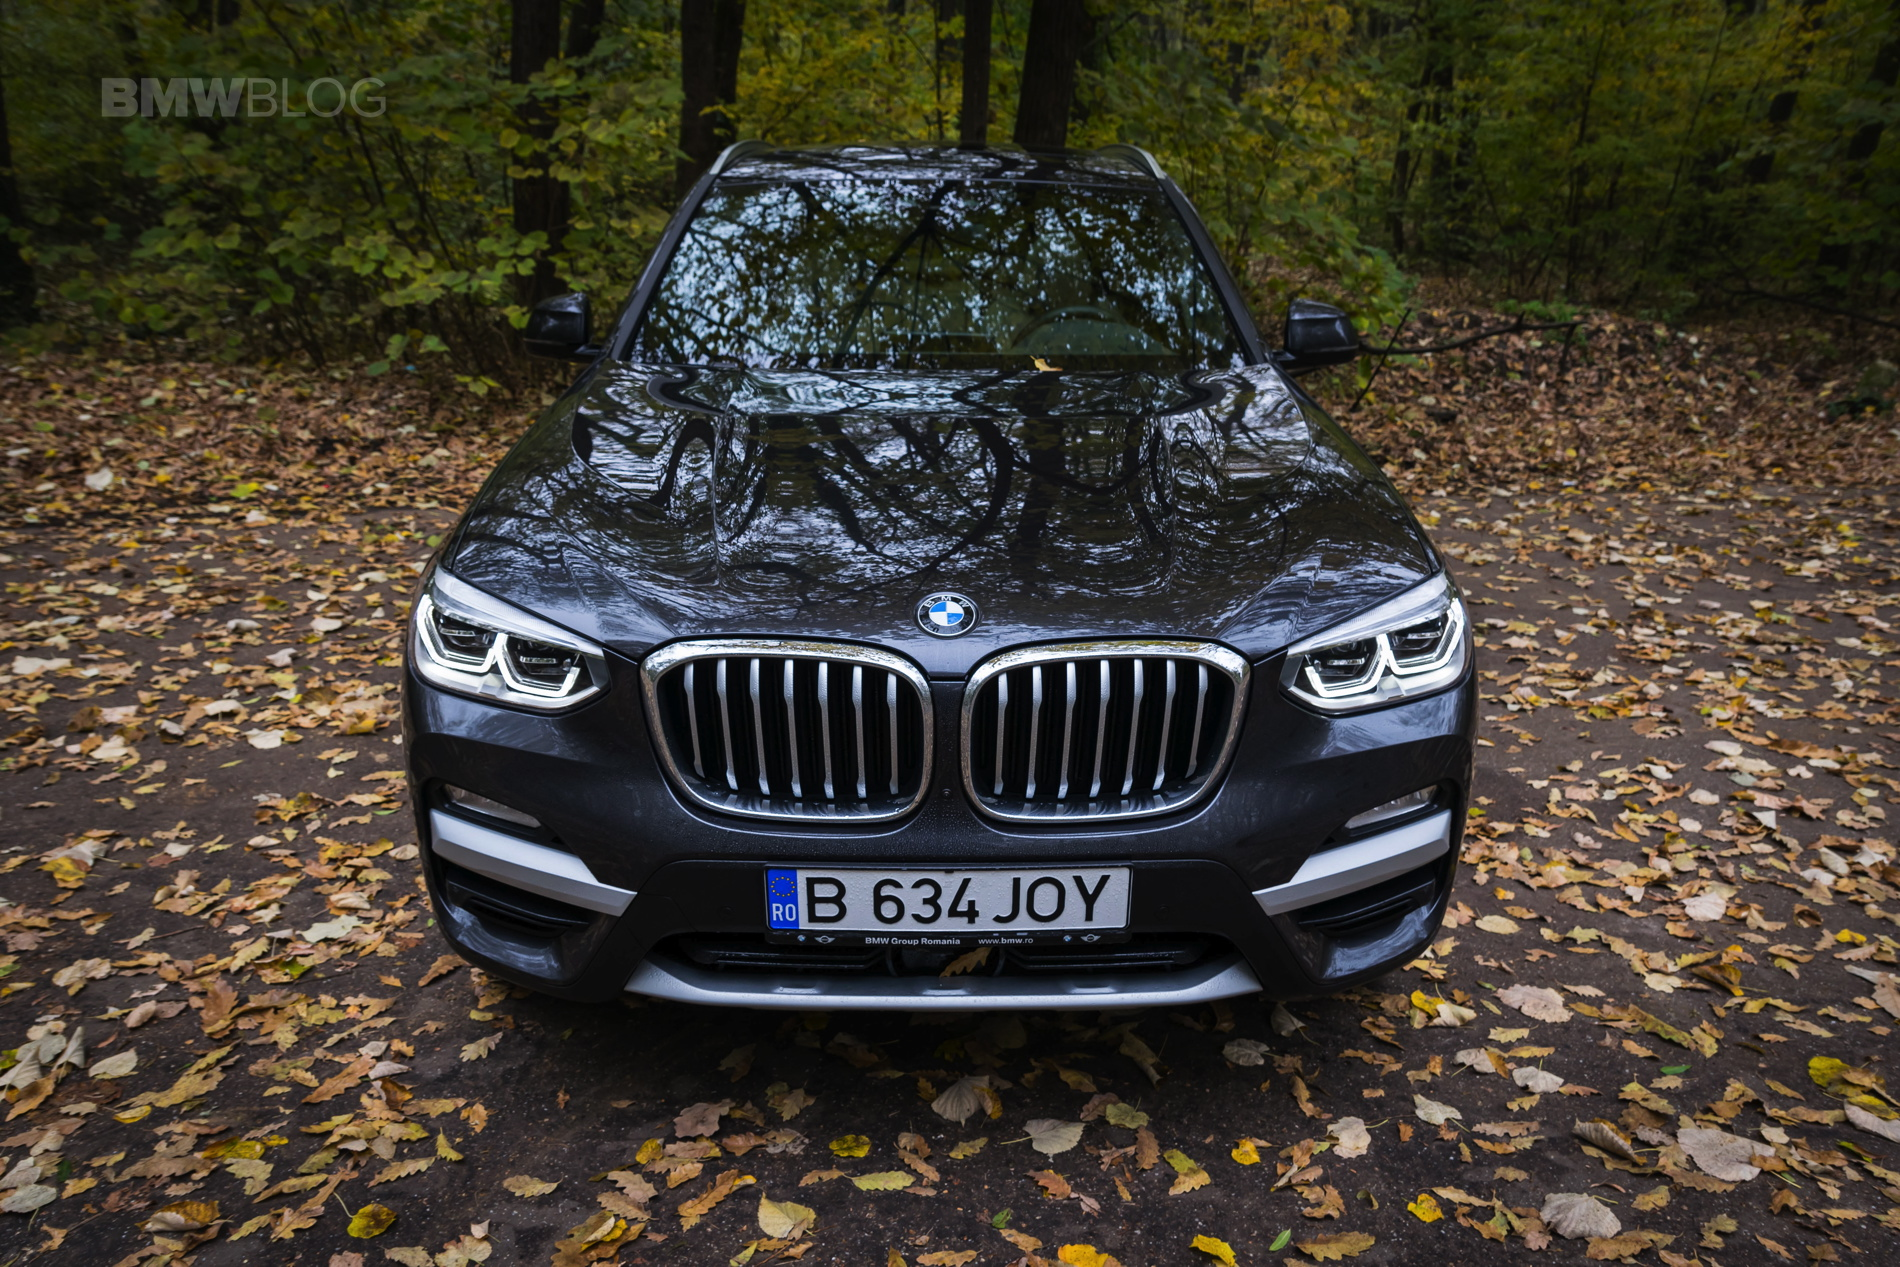 2017 BMW X3 xDrive20d test drive review 22